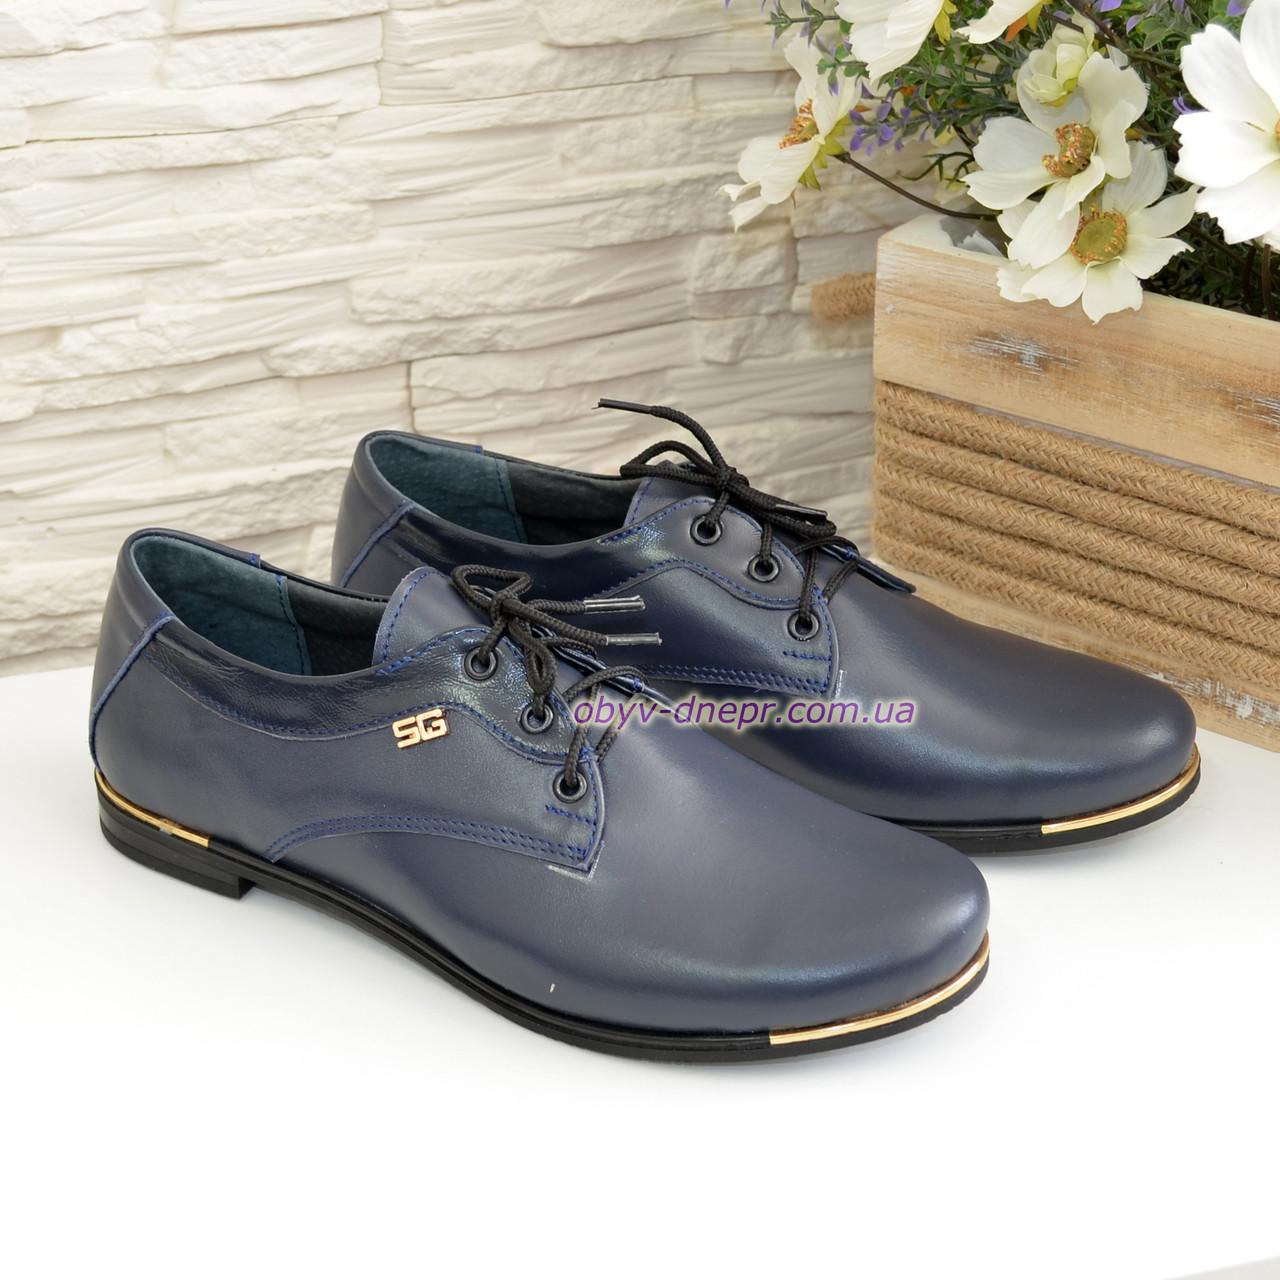 Туфли женские кожаные на шнуровке, цвет синий